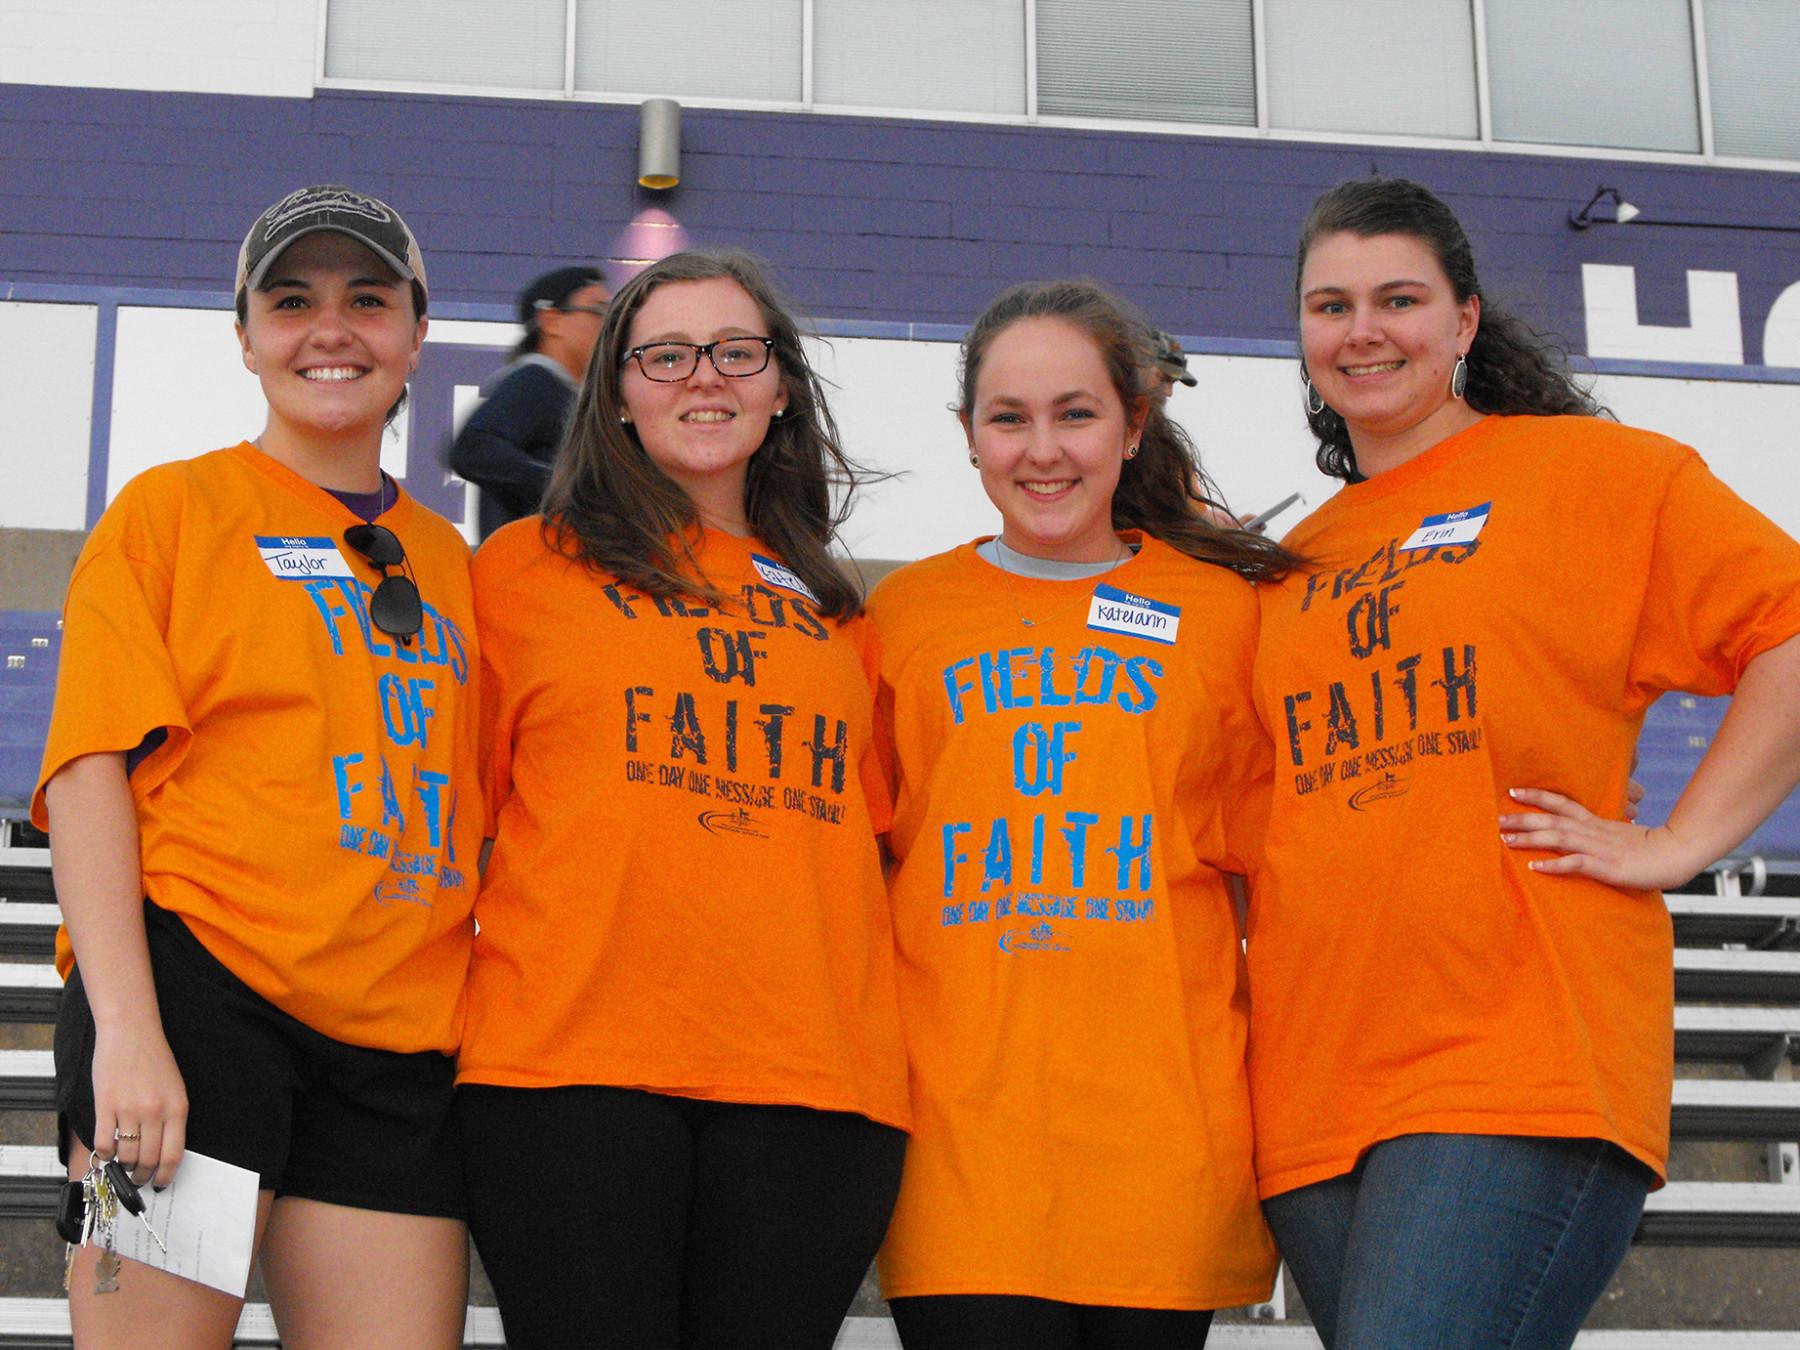 fields-of-faith-3